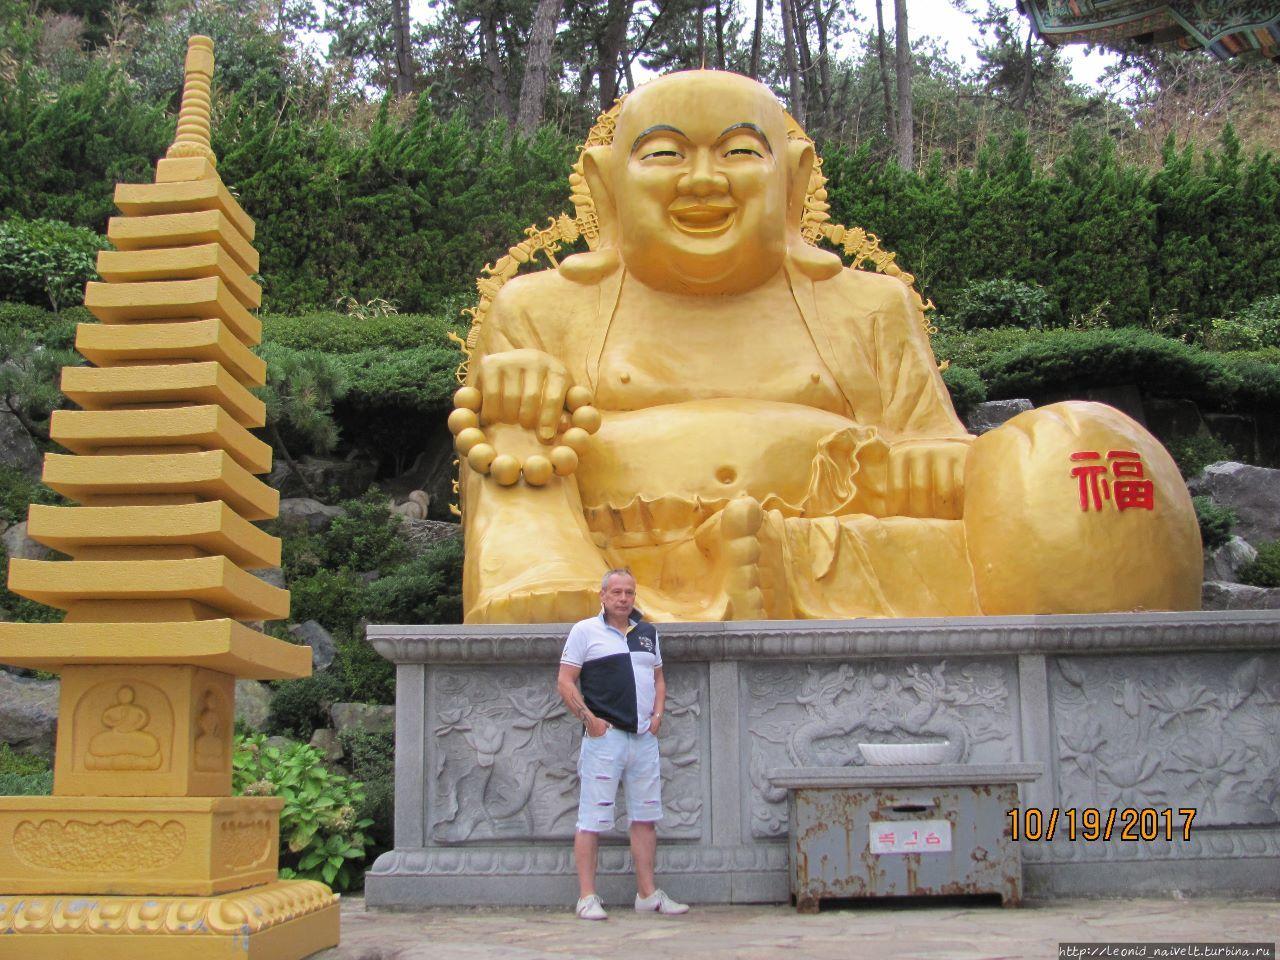 Киджан. Храмовый комплекс Хаедонг Йонггунг, Пусан, Республика Корея